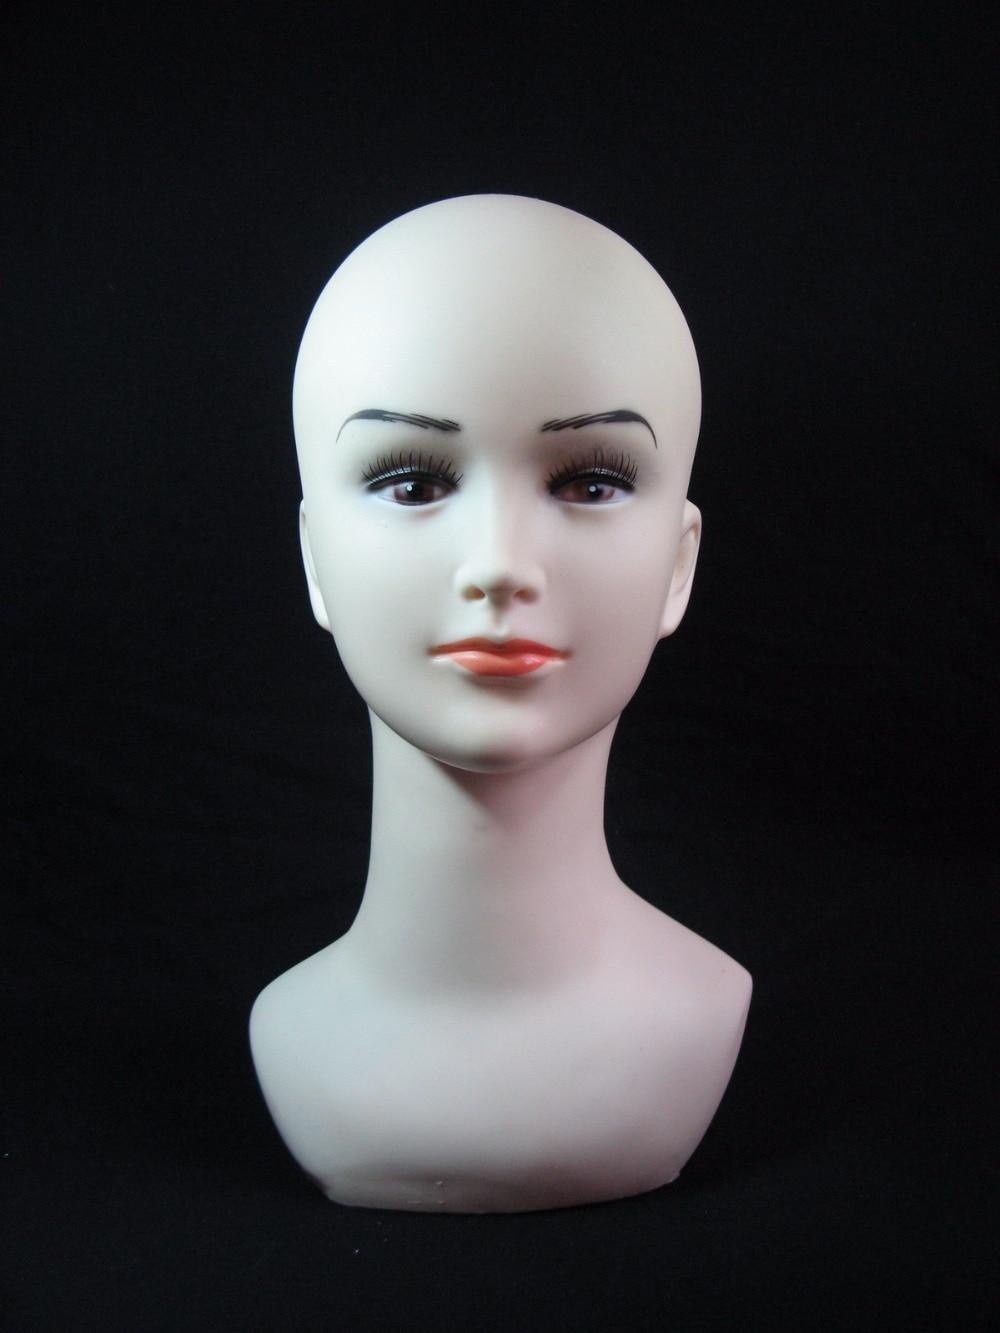 Hoge kwaliteit realistische kunststof vrouwelijke mannequin oefenpop - Kunsten, ambachten en naaien